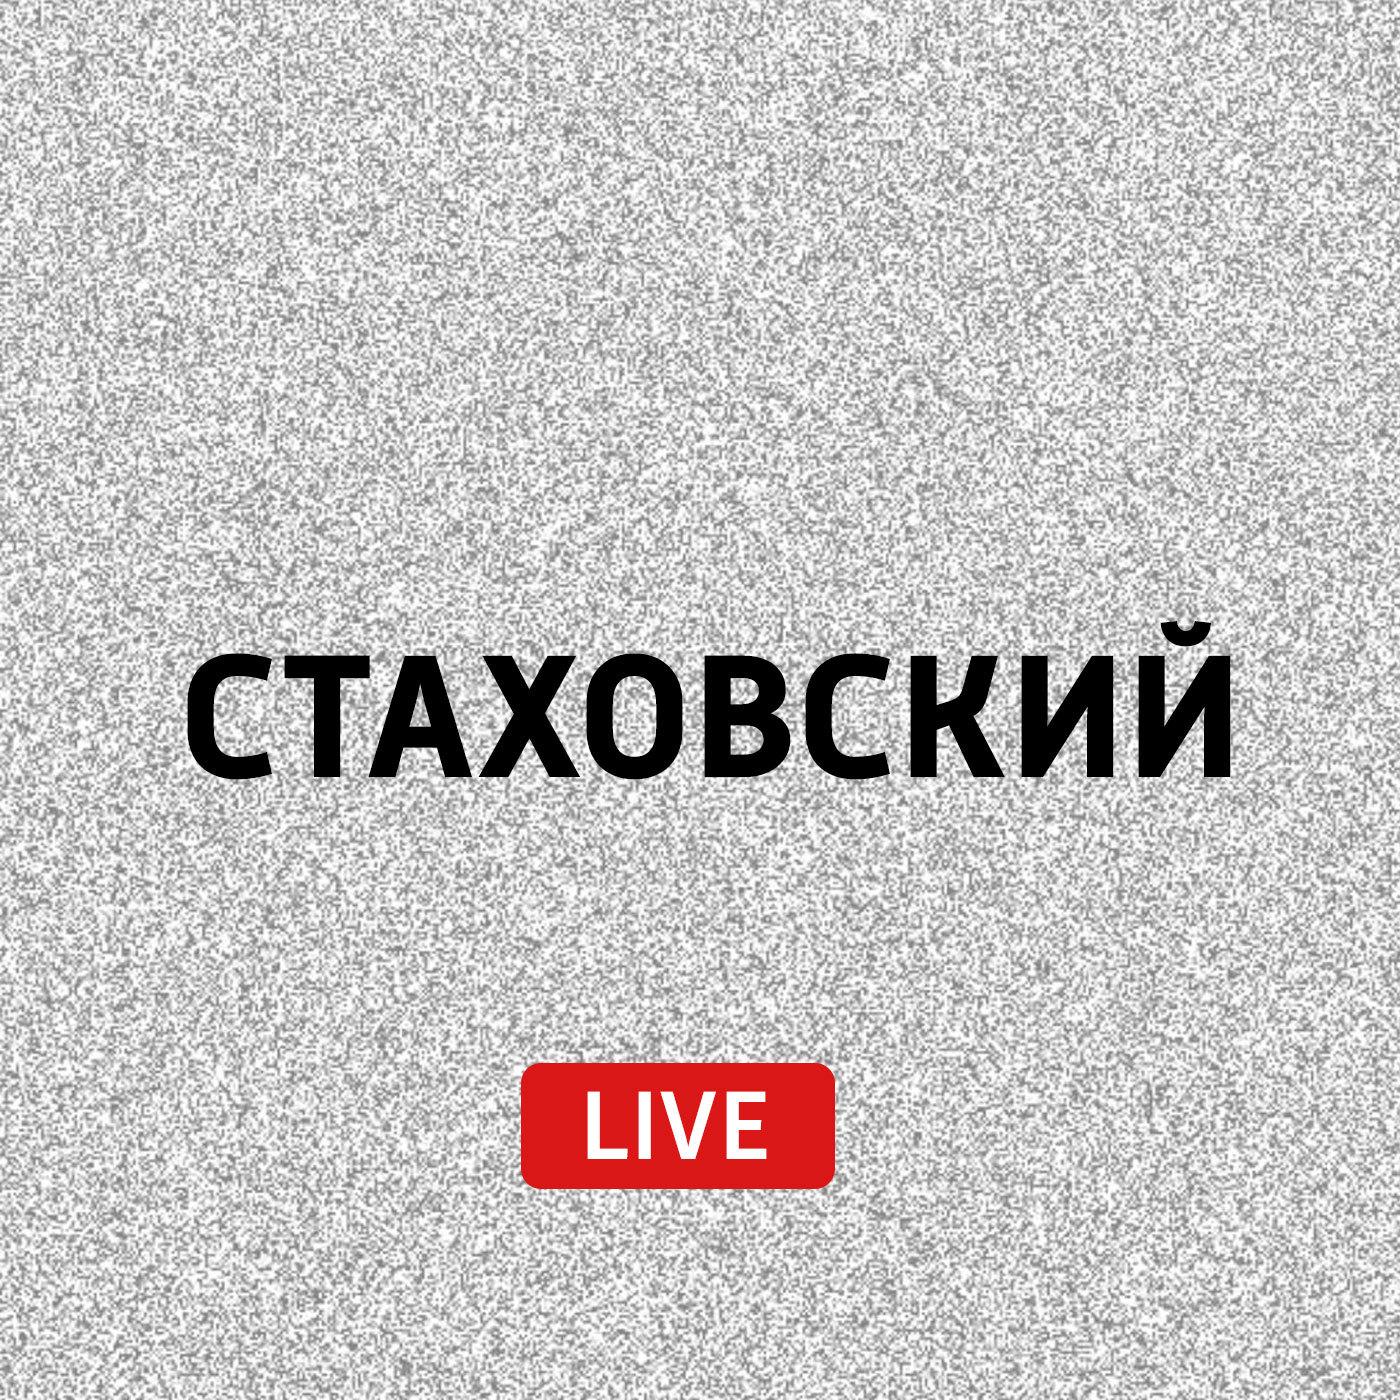 Евгений Стаховский Склад евгений стаховский история джека потрошителя